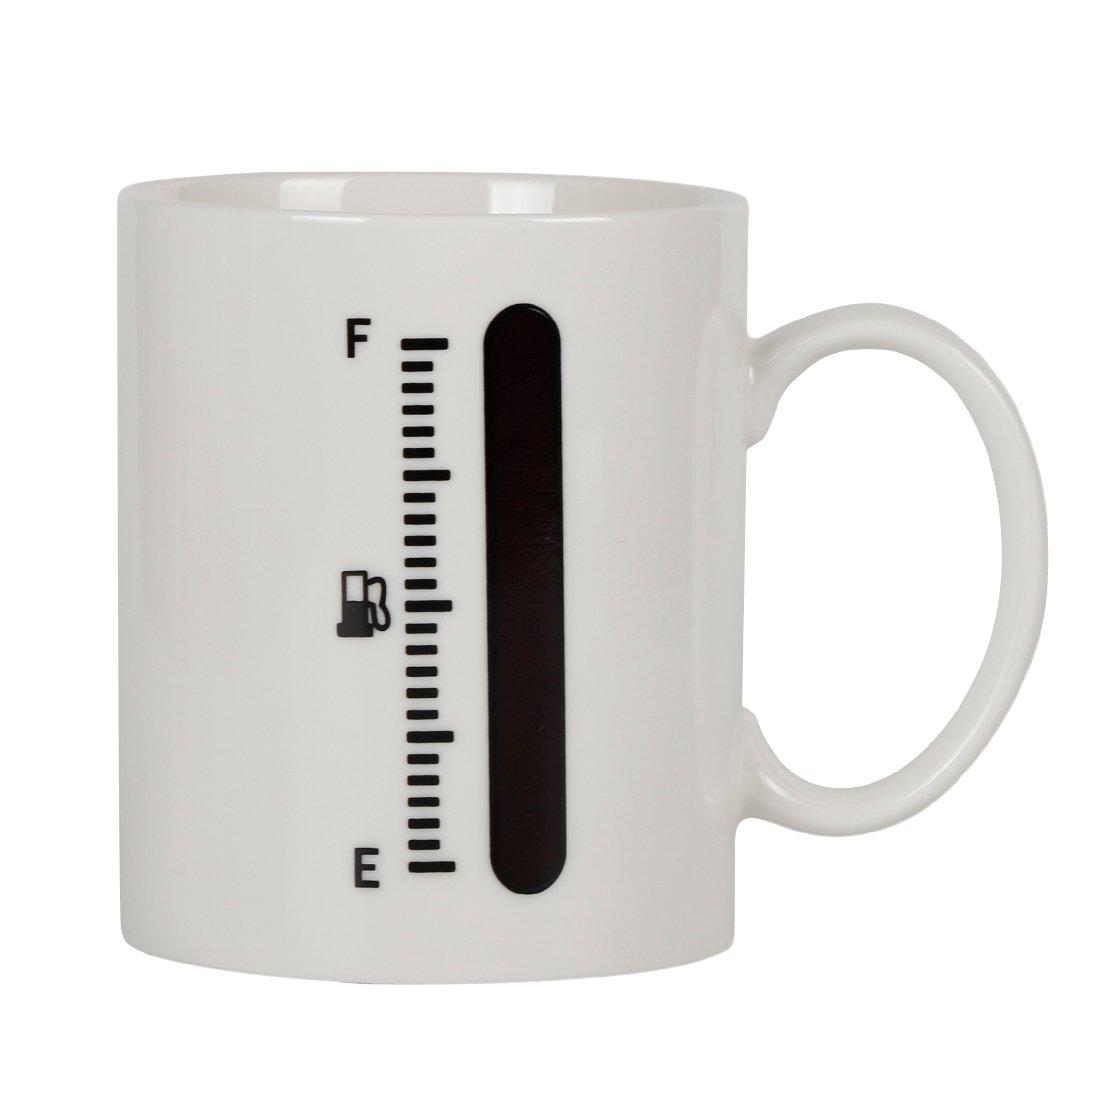 最適な価格 momugs momugs 1ピース色変更する温度計熱Sensitive磁器ティーコーヒーマグ12オンスタンクUp燃料ゲージ熱Sensitive Cup Cup B0784SCTBH B0784SCTBH, リサイクルS:a9de65e7 --- a0267596.xsph.ru